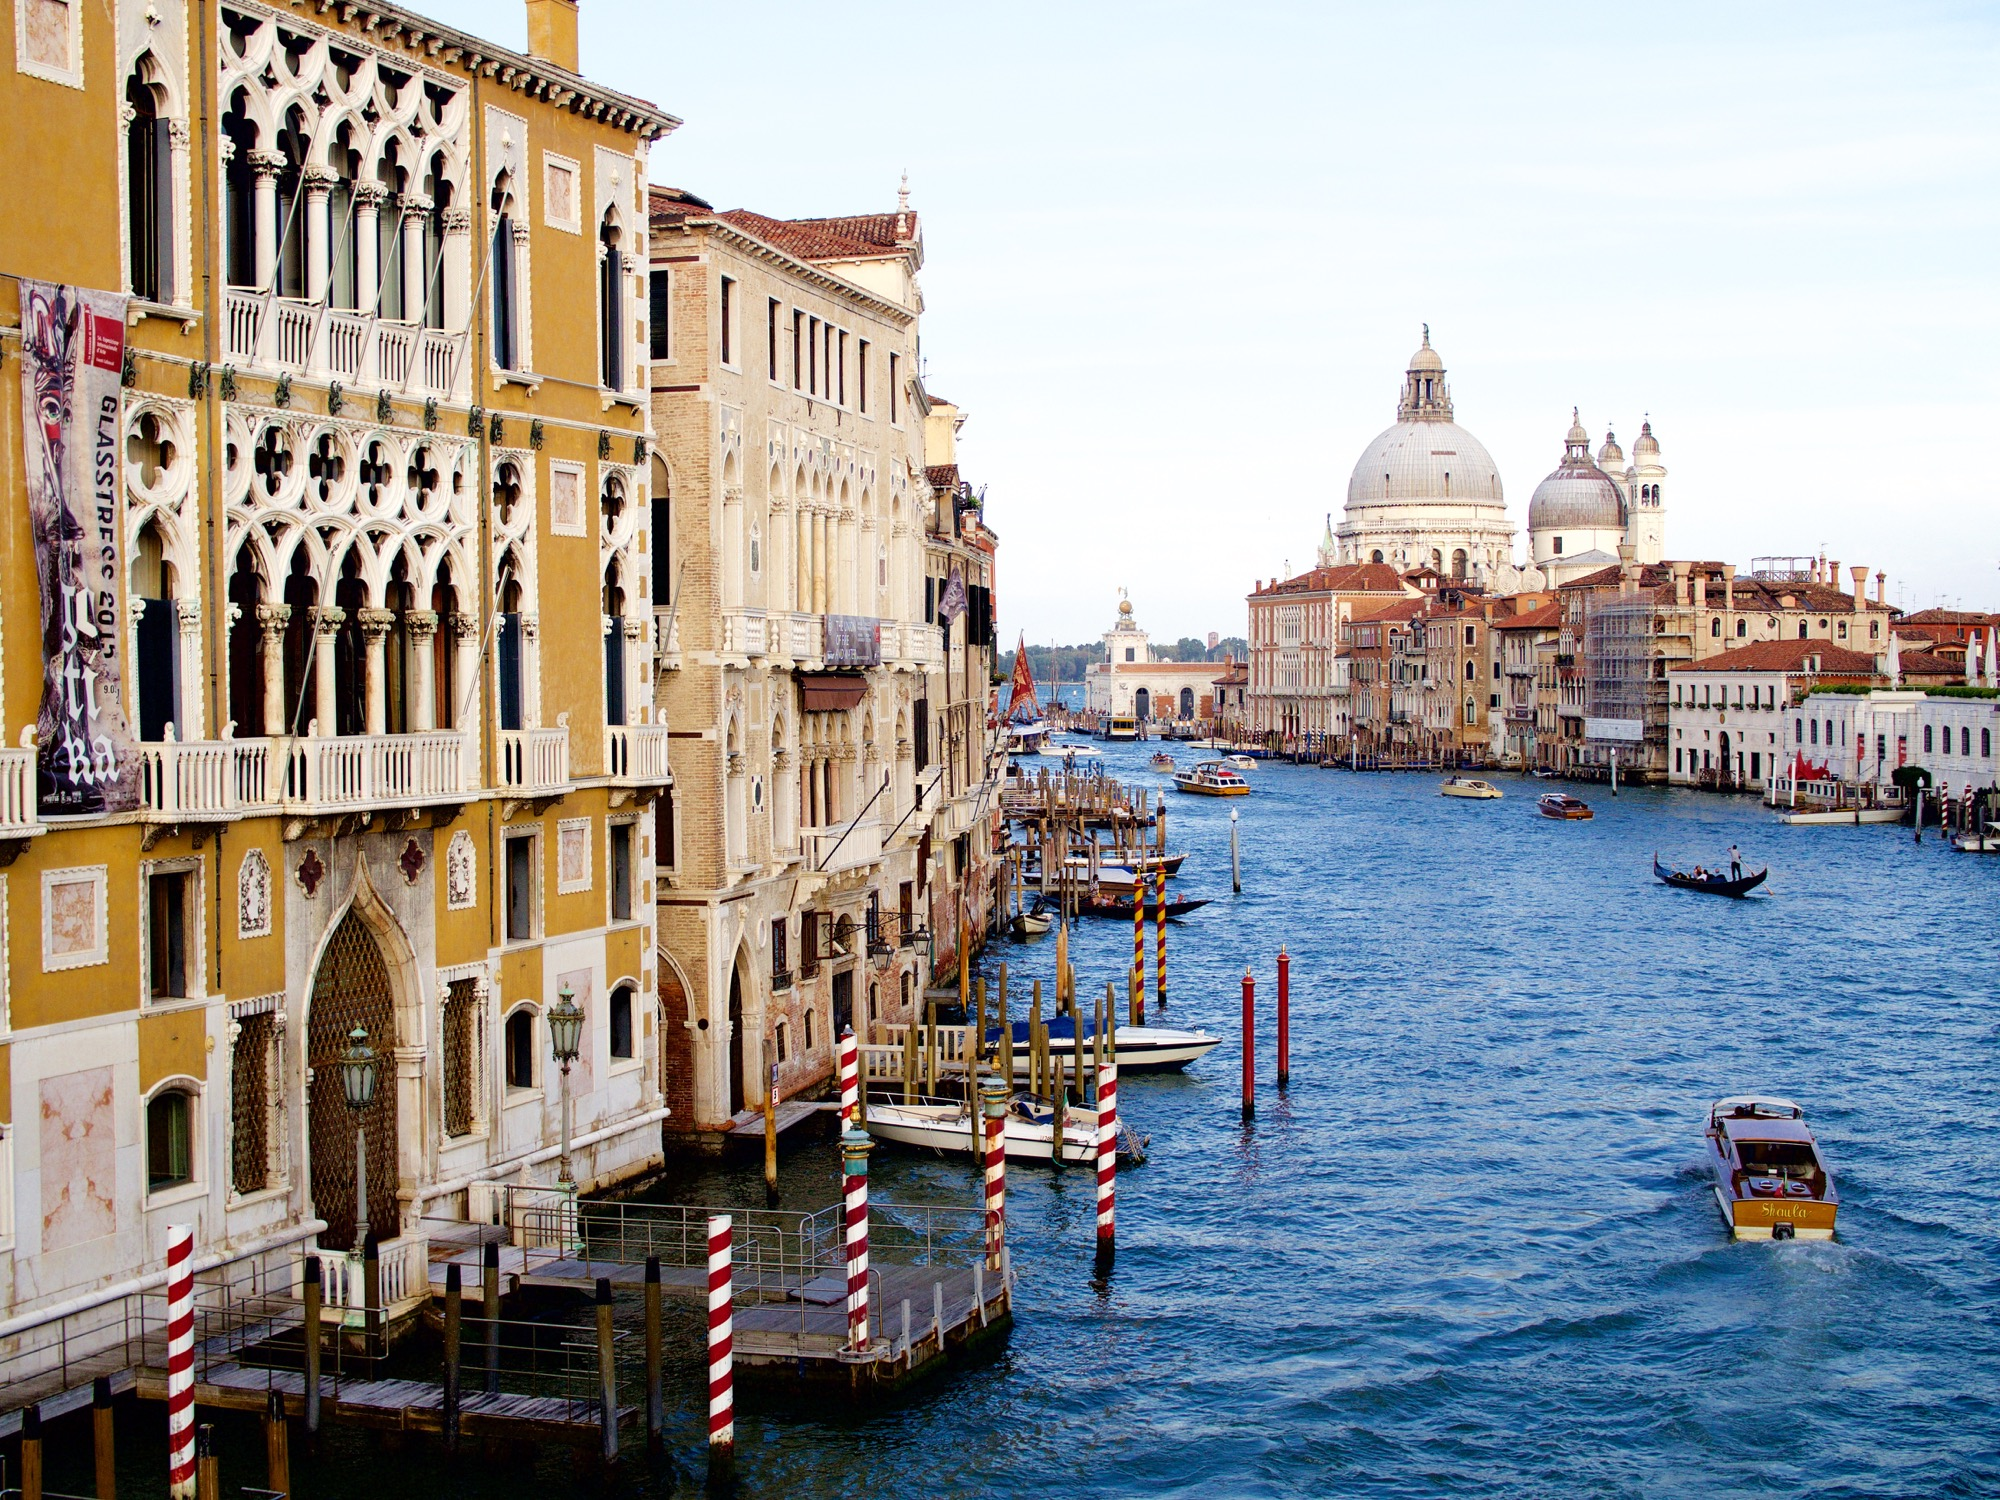 Les paquebots bientôt interdits à Venise